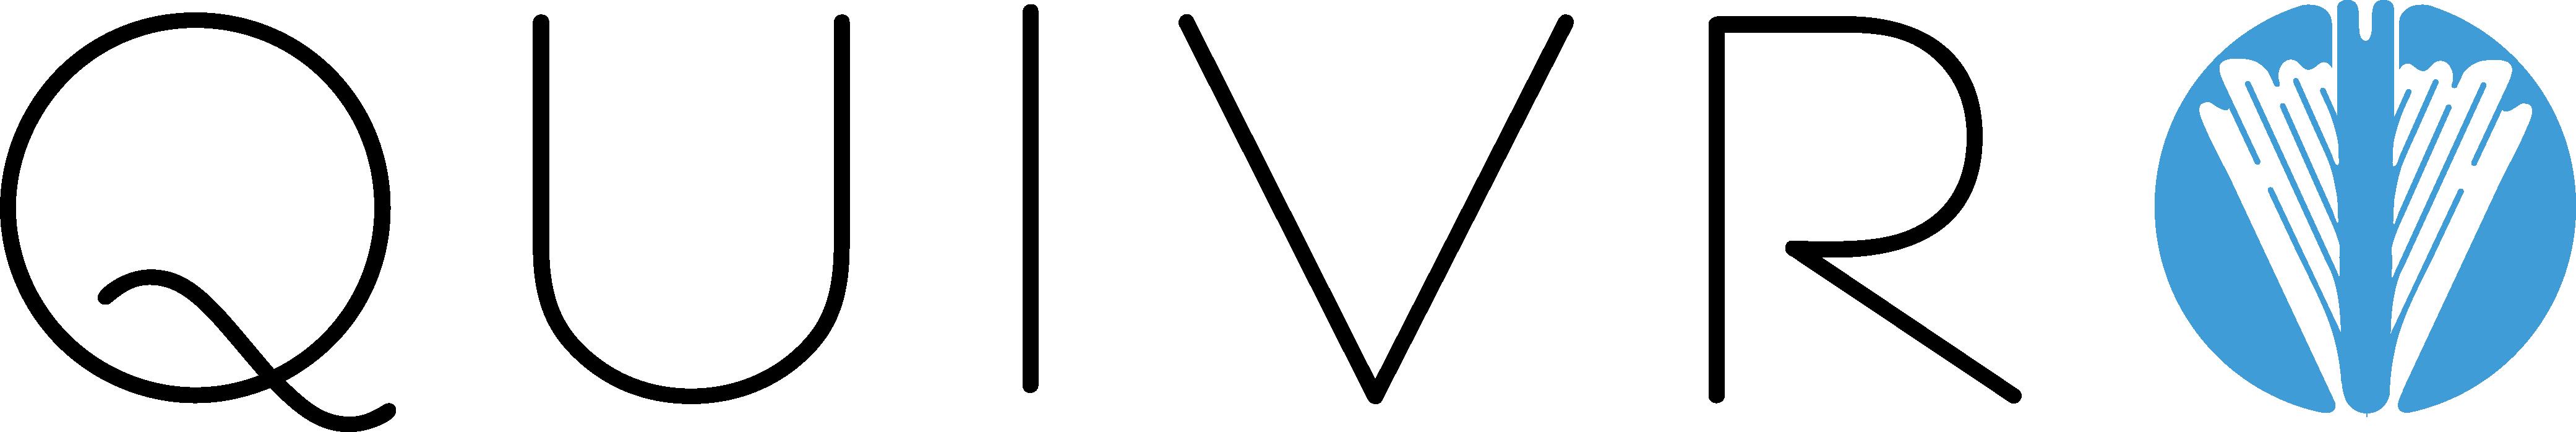 Quivr main logo